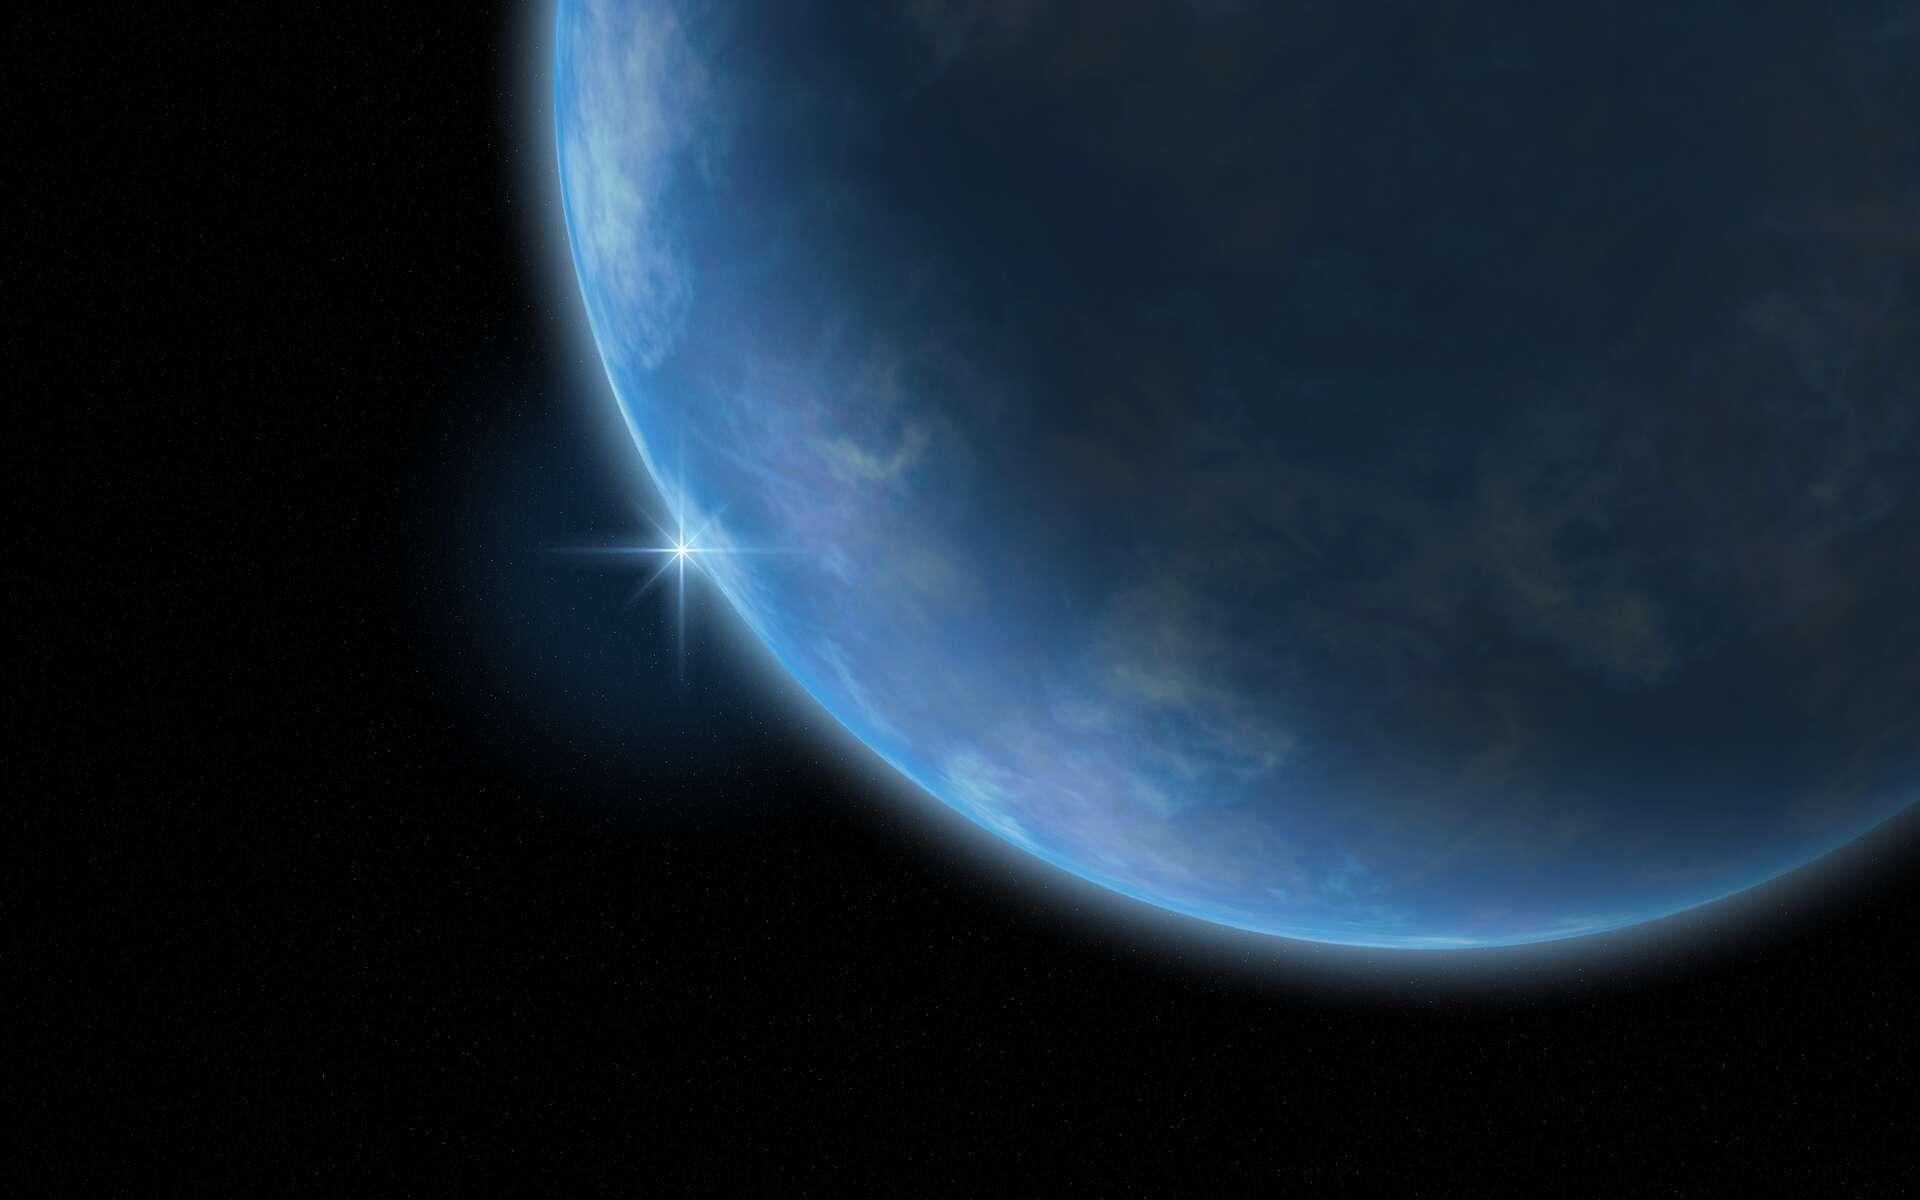 Une vue d'artiste d'une planète océan. © www.clevelandwebs.com-samuel tucker